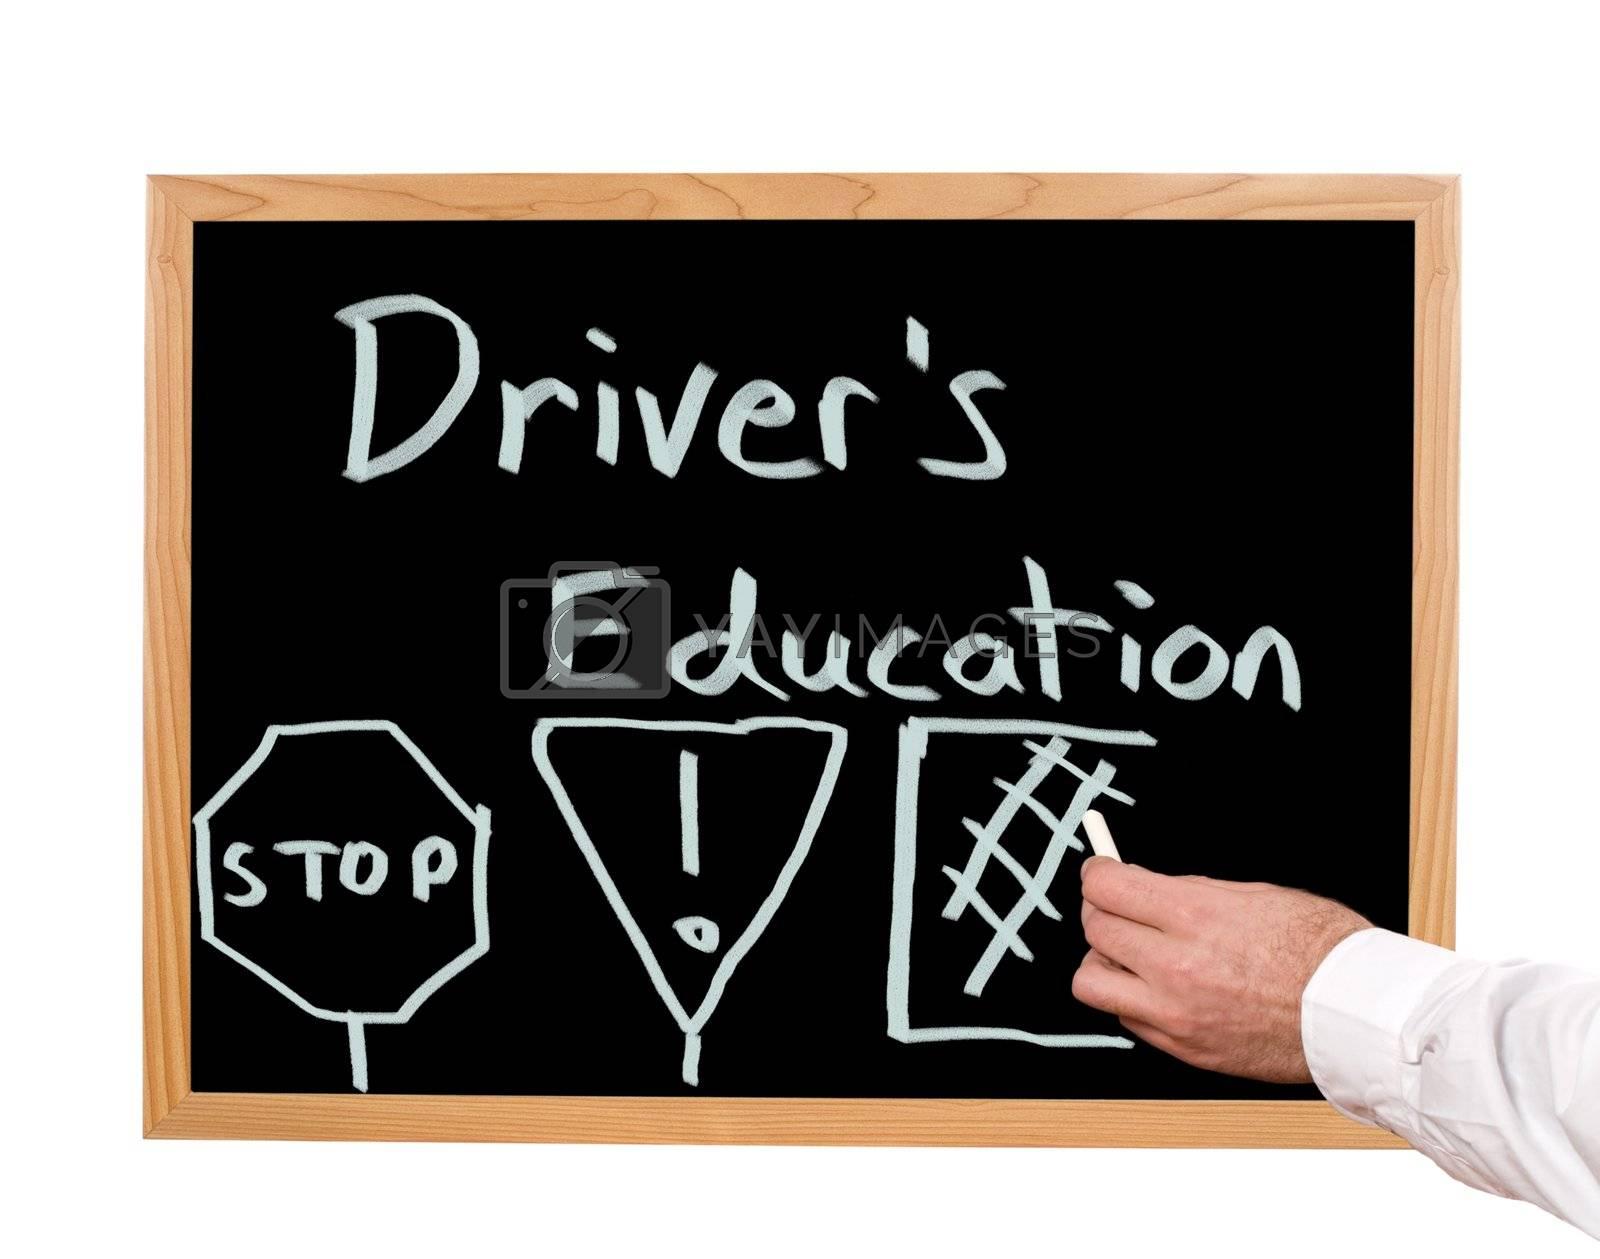 Driver's education is written in chalk on a chalkboard.